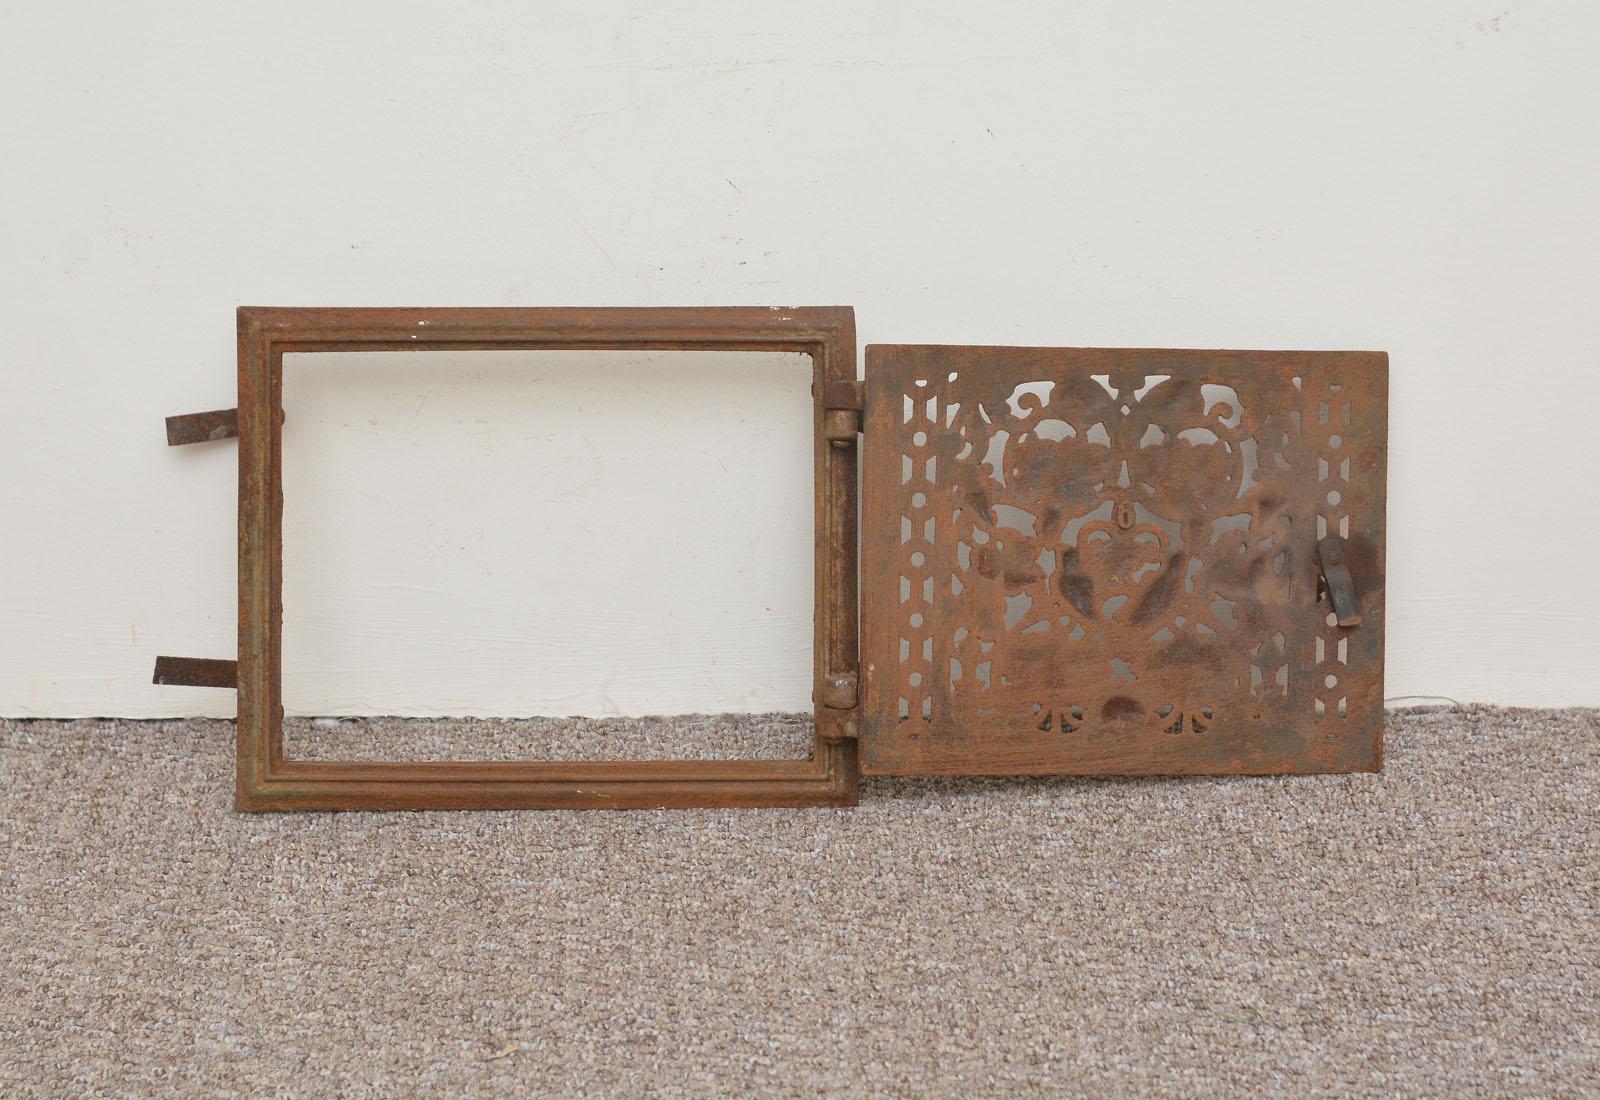 31.8 x 25.5 cm cast iron fire door clay bread oven door pizza stove smoke house